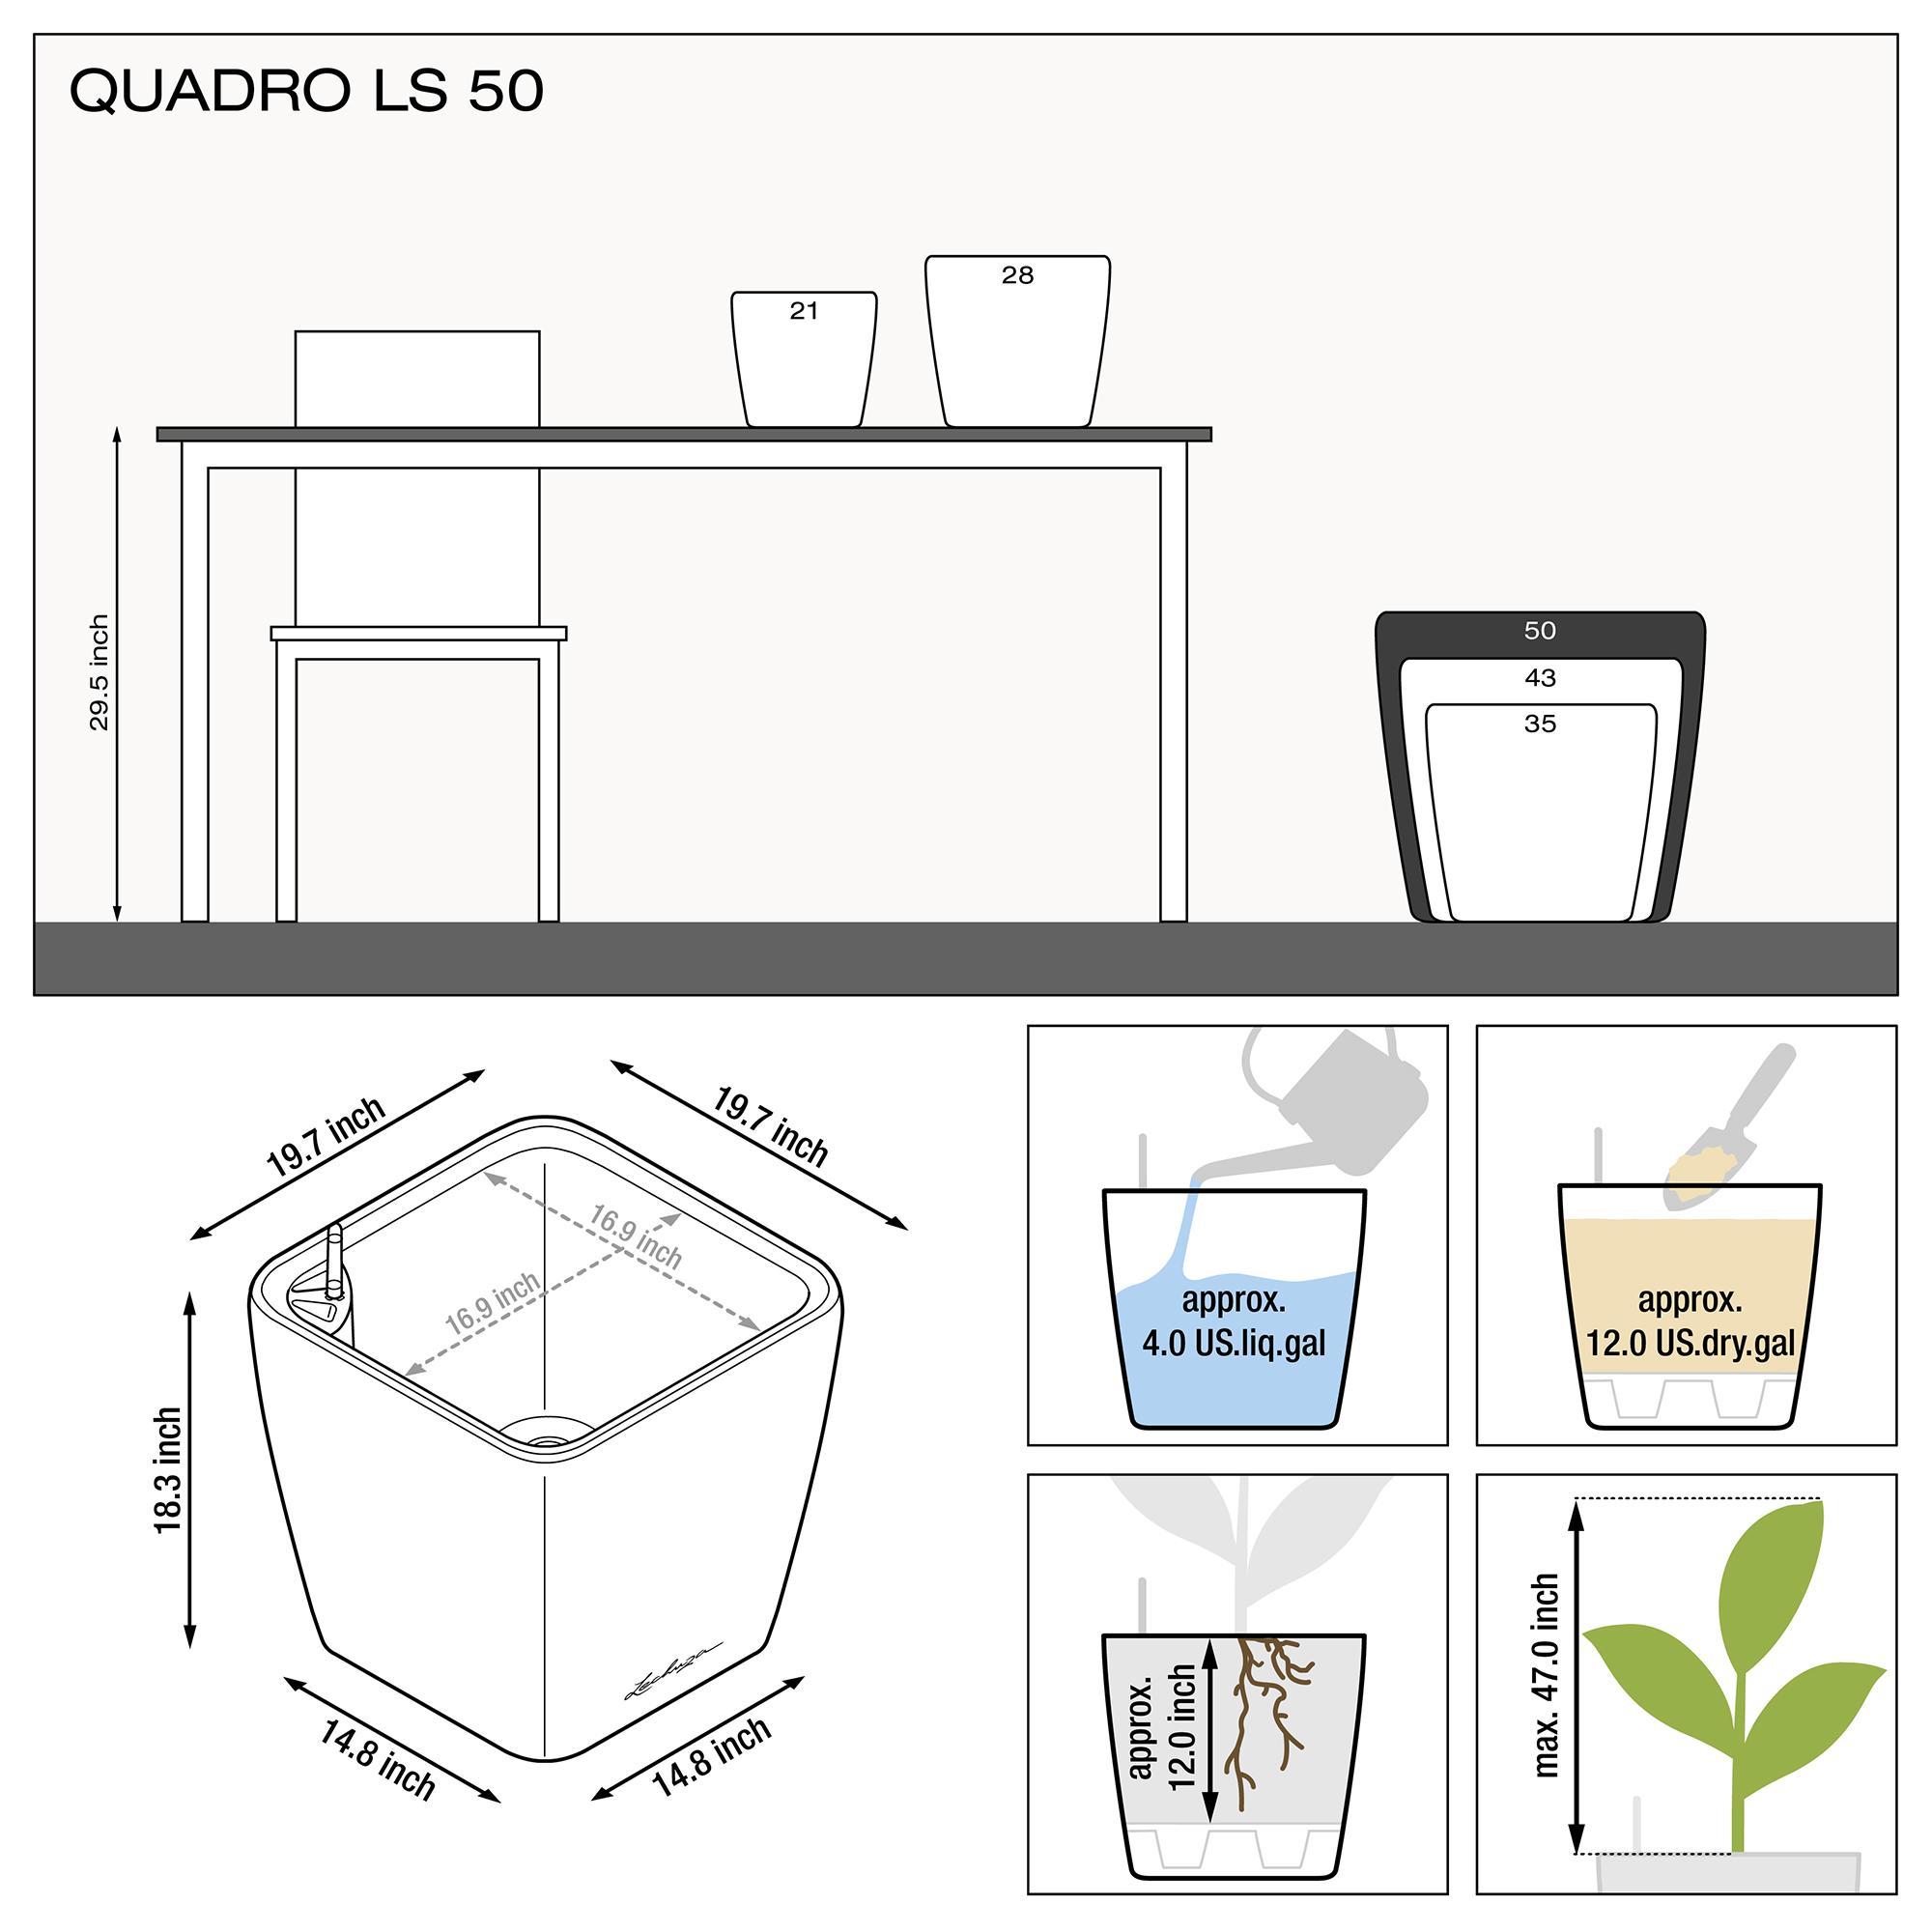 le_quadro-ls50_product_addi_nz_us